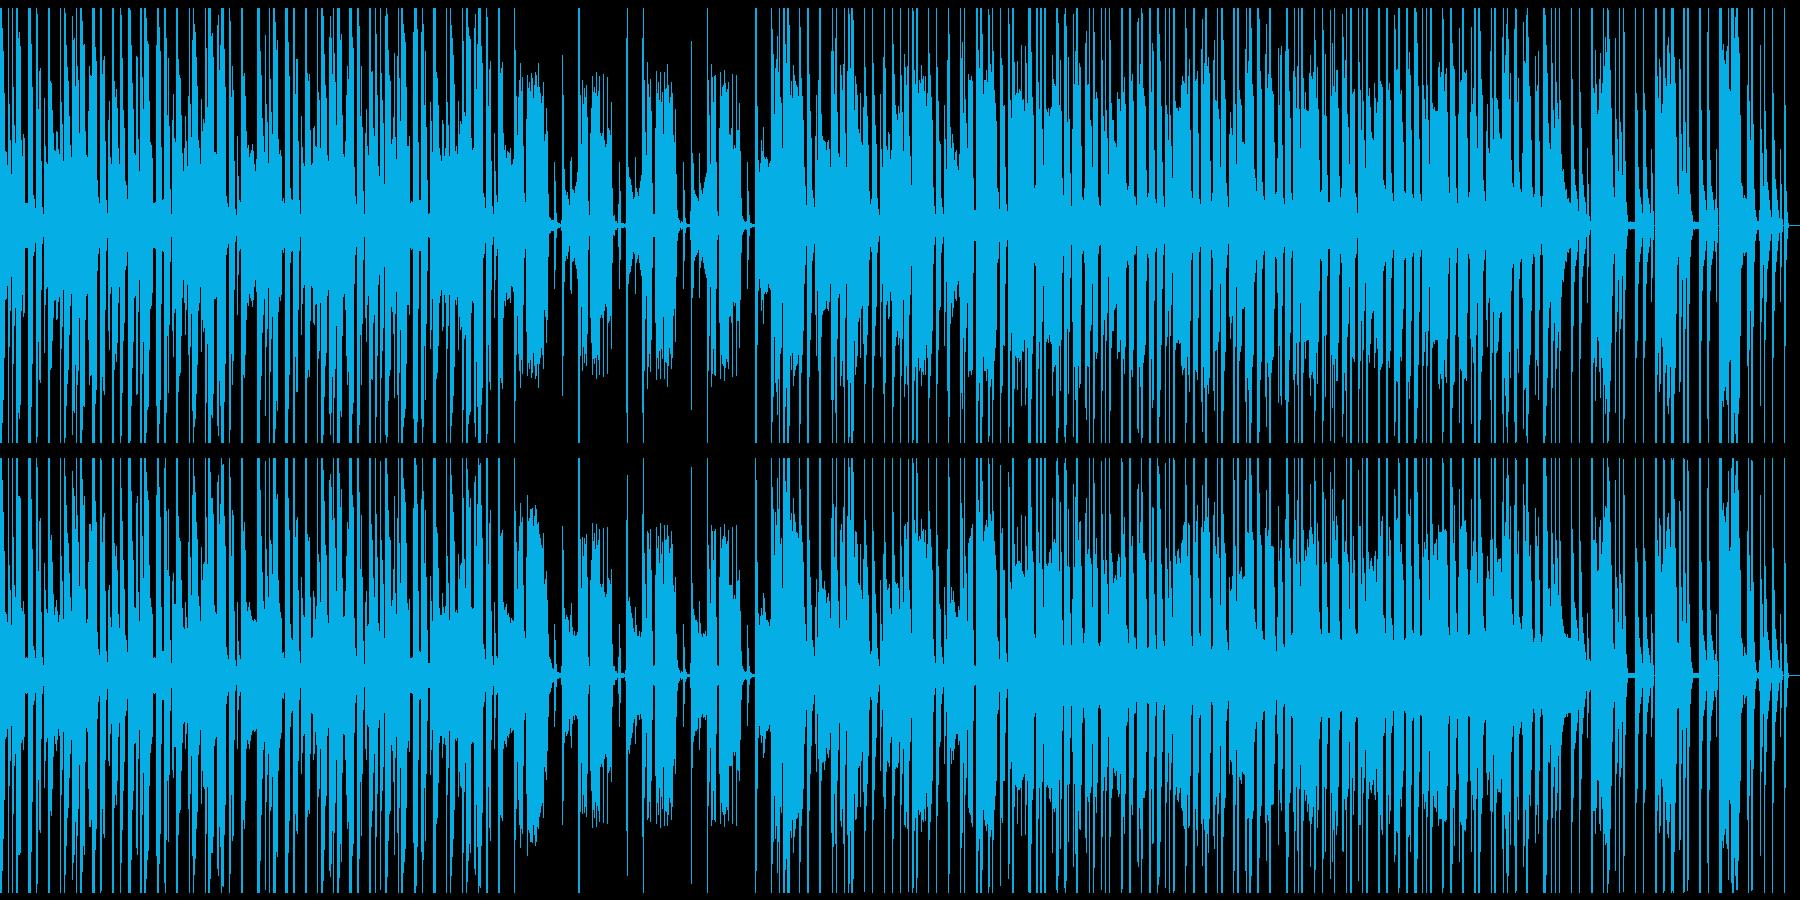 ループ仕様、軽快・コミカルなBGMの再生済みの波形